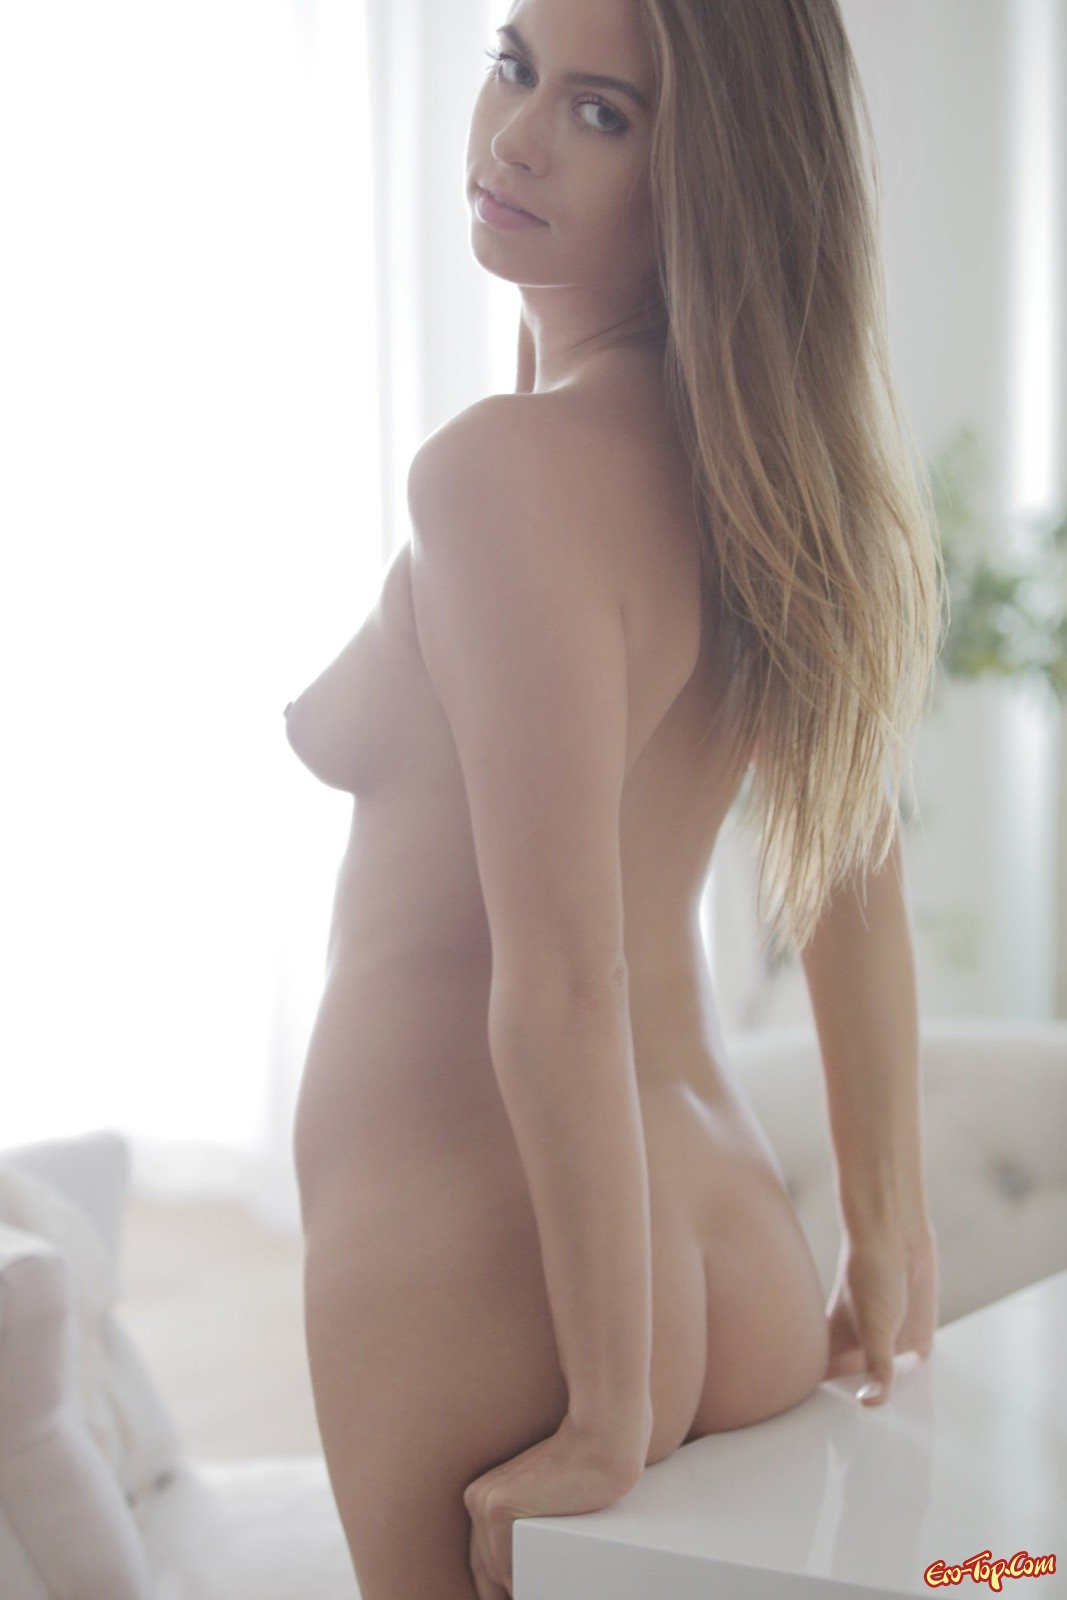 Откровенная фотомодель в прозрачном нижнем белье